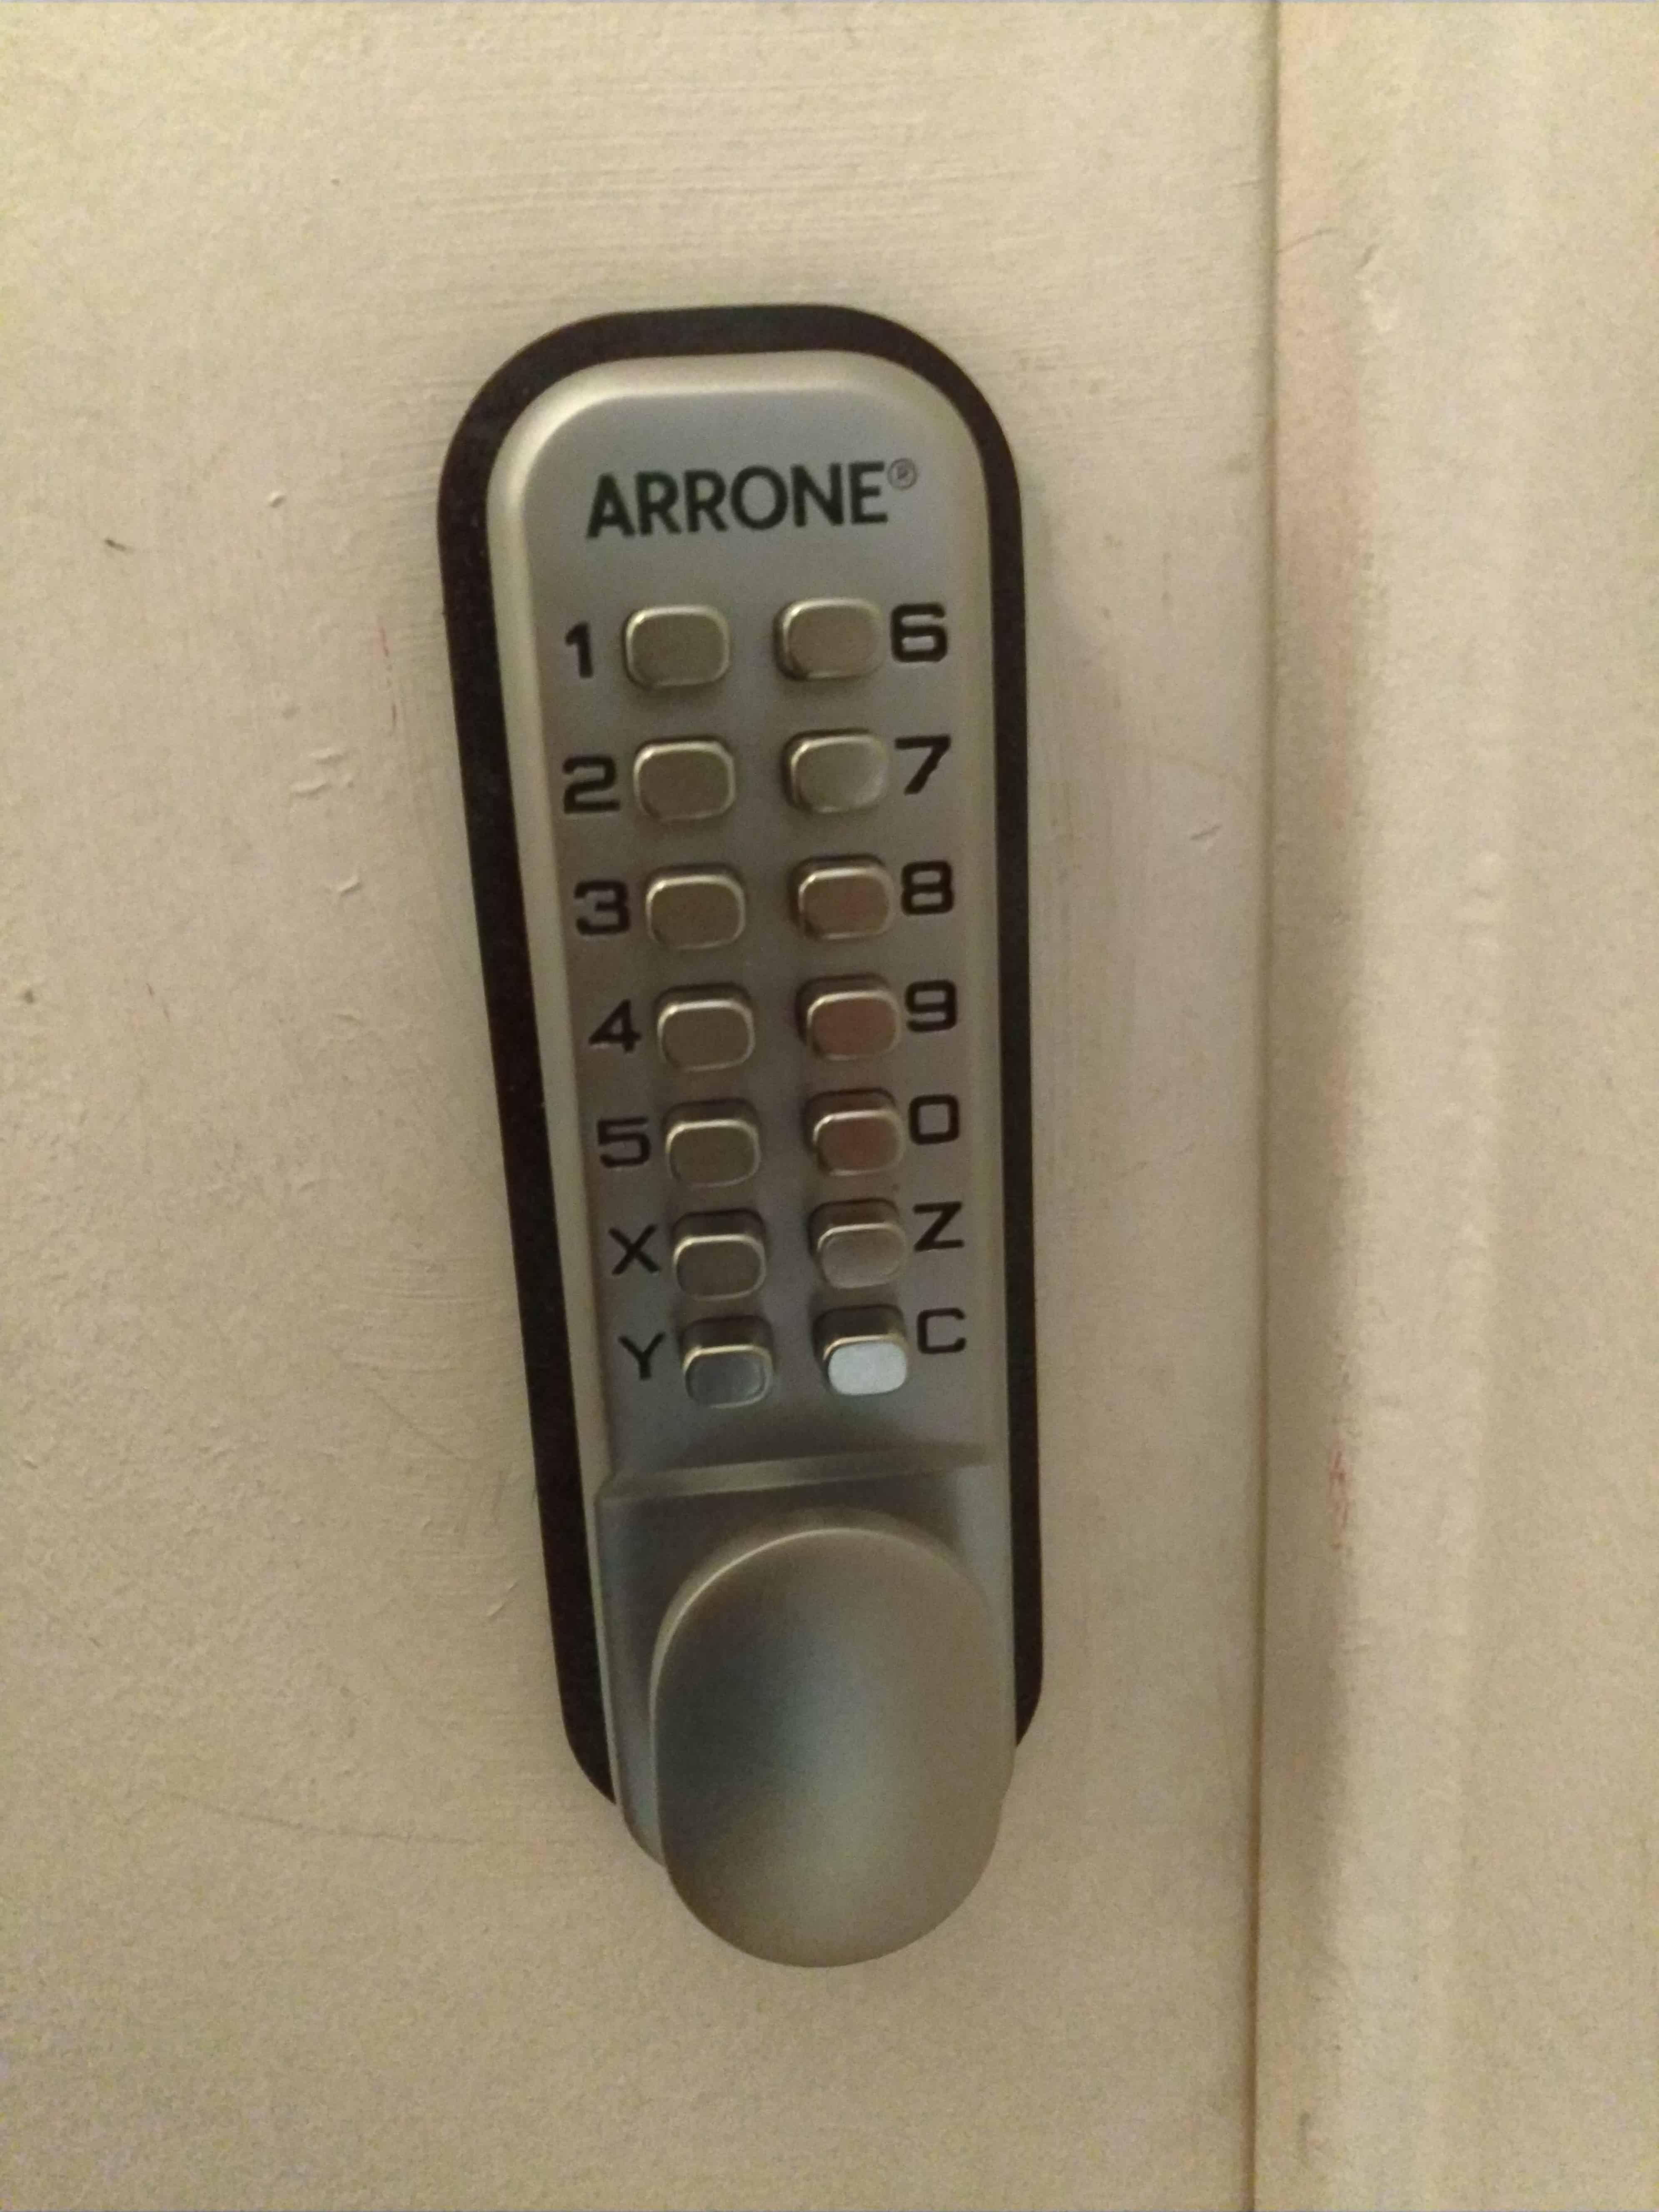 New door lock